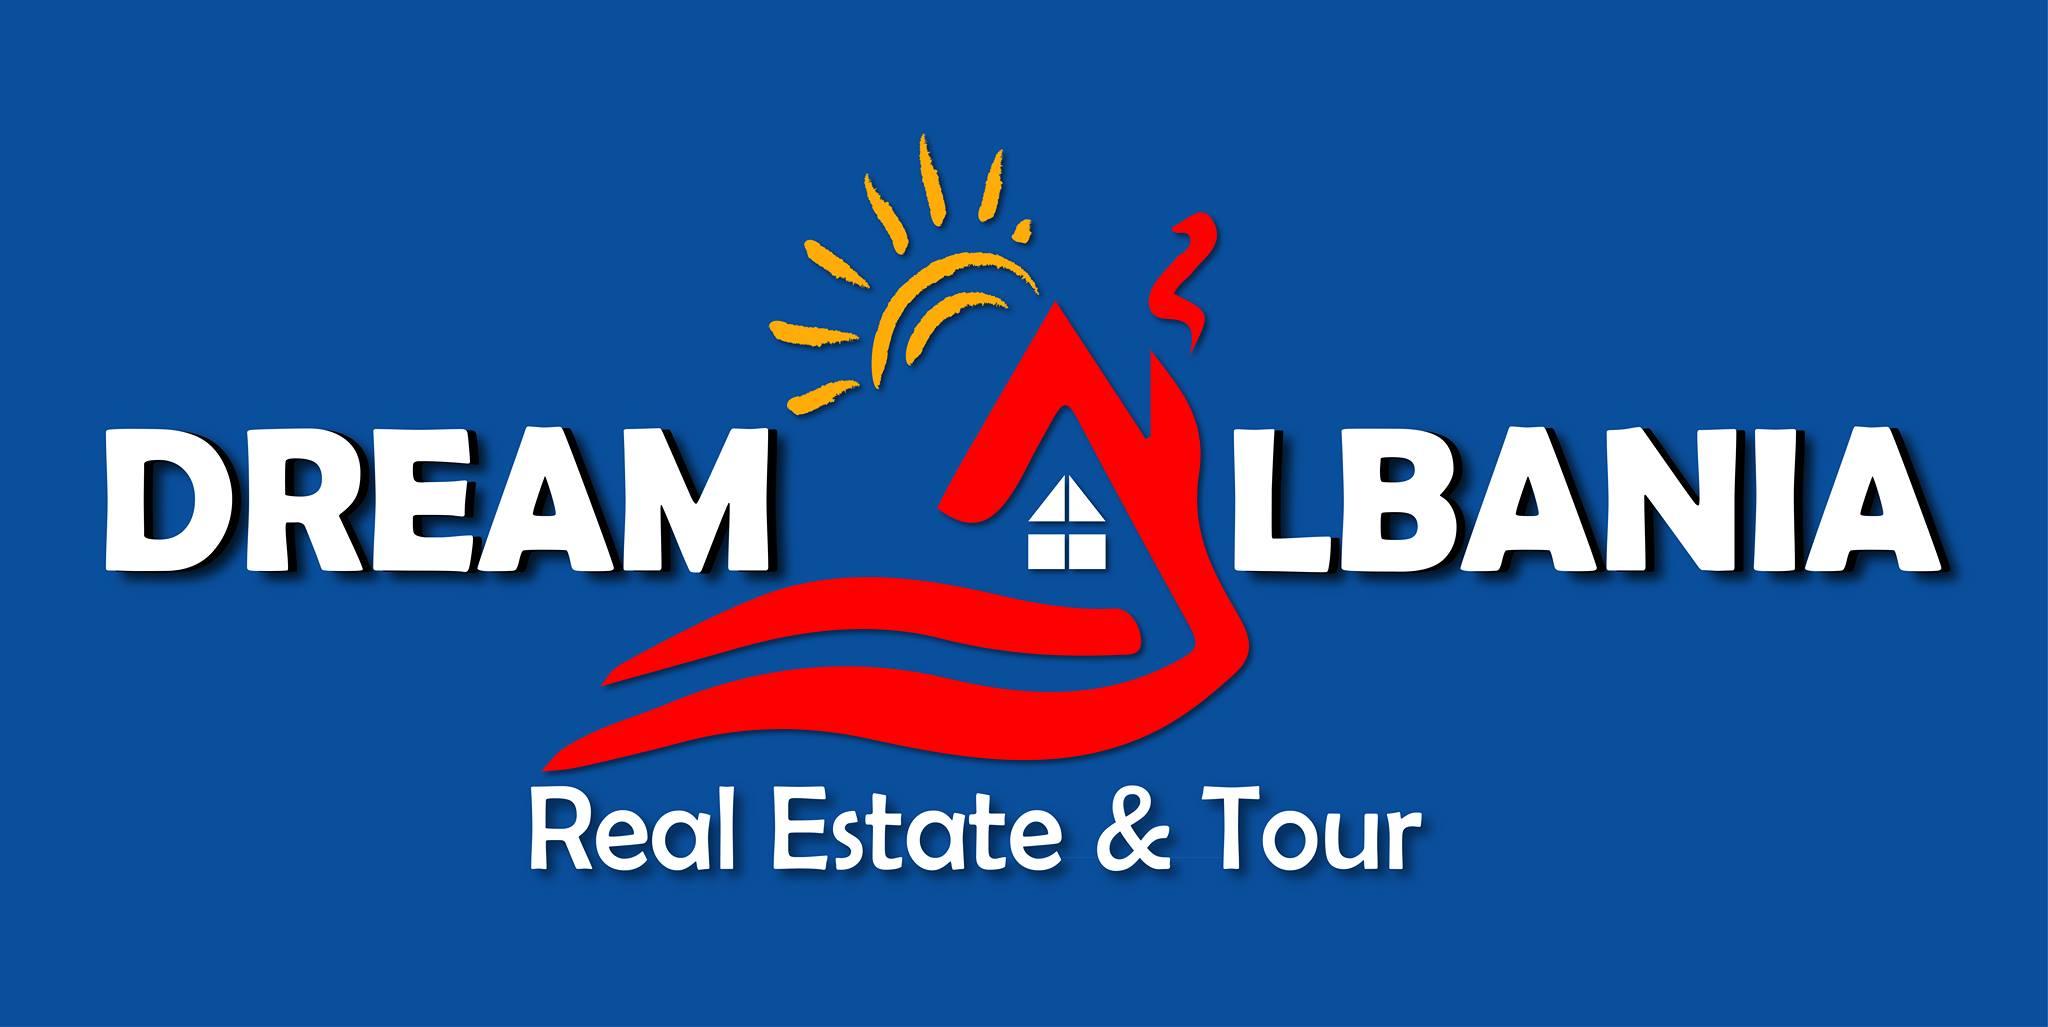 Dream Albania Real Estate & Tour Apartments Shtepi Qera Shitje Rent Sale Vila